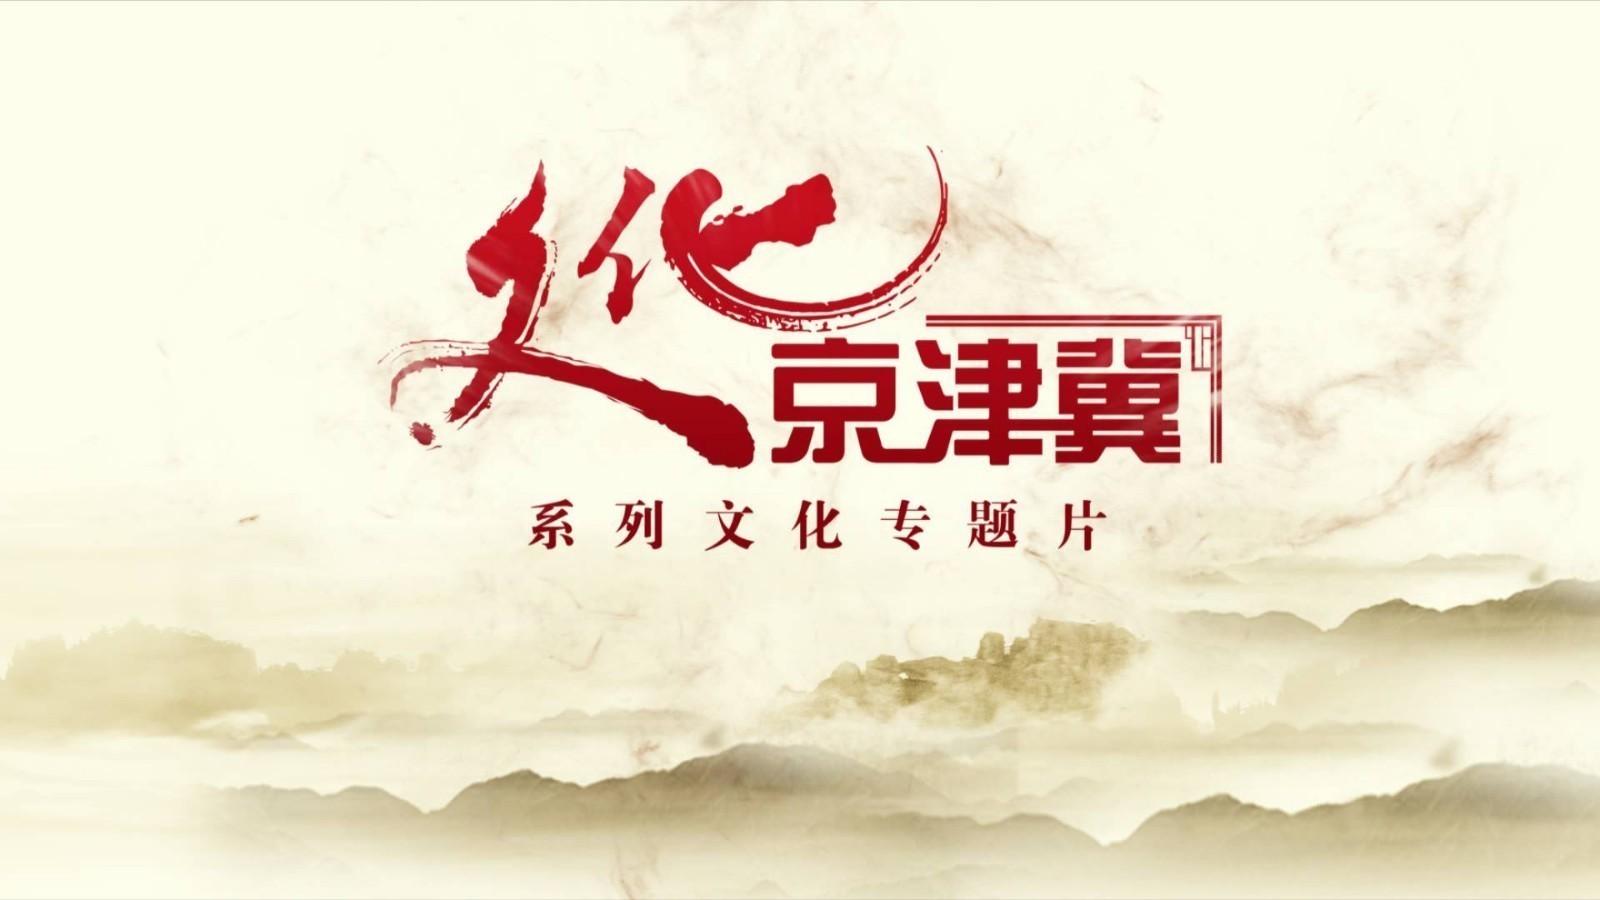 文化京津冀:传薪书香文化 雕椠纸上风景